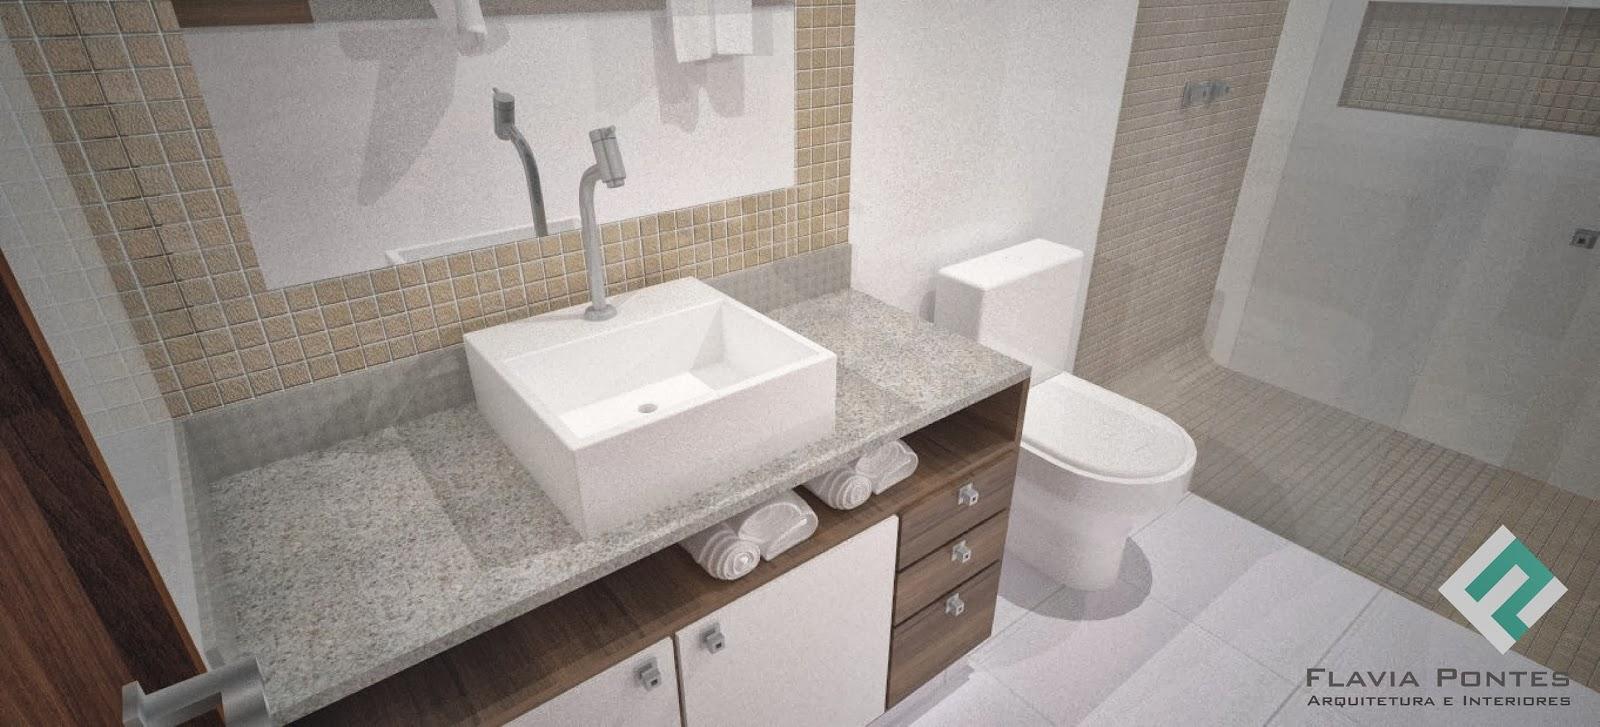 Flavia Pontes Arquitetura Outubro 2013 -> Banheiro Com Pastilhas Bege E Marrom